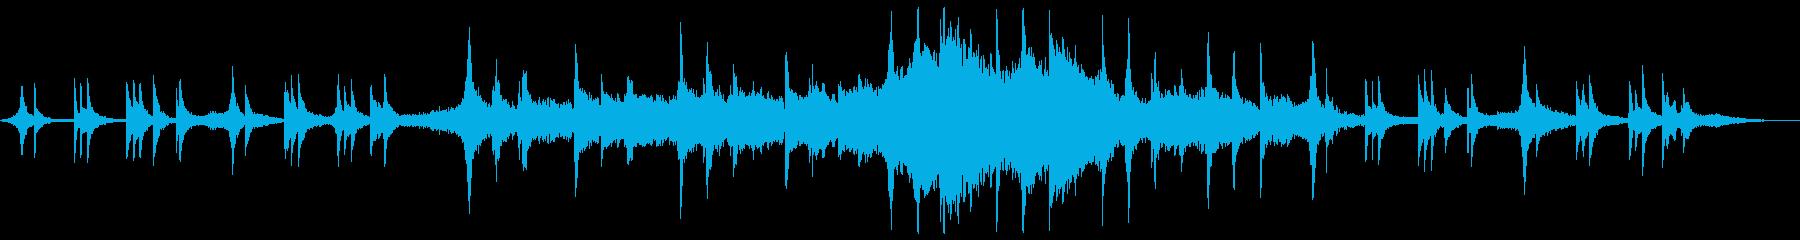 フェルトピアノが切ない感傷的アンビエントの再生済みの波形